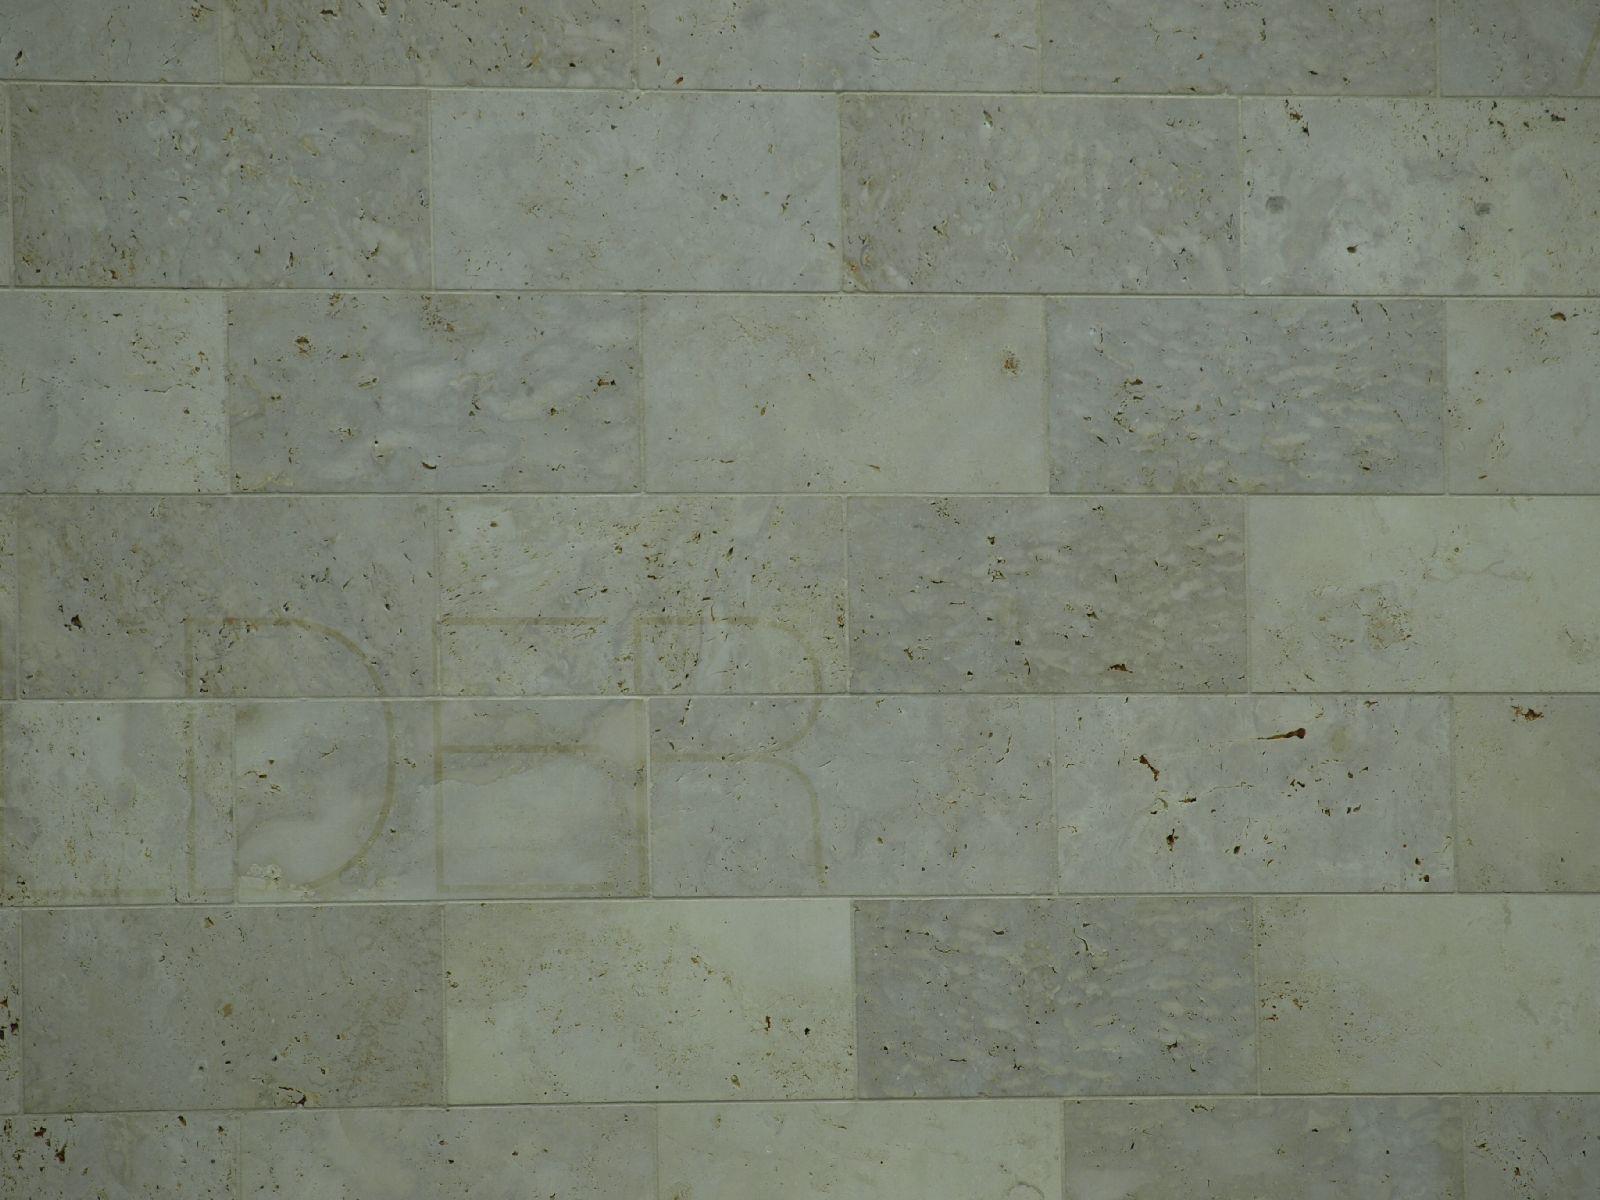 Wand-Steinbloecke-Quader_Textur_A_P6066958